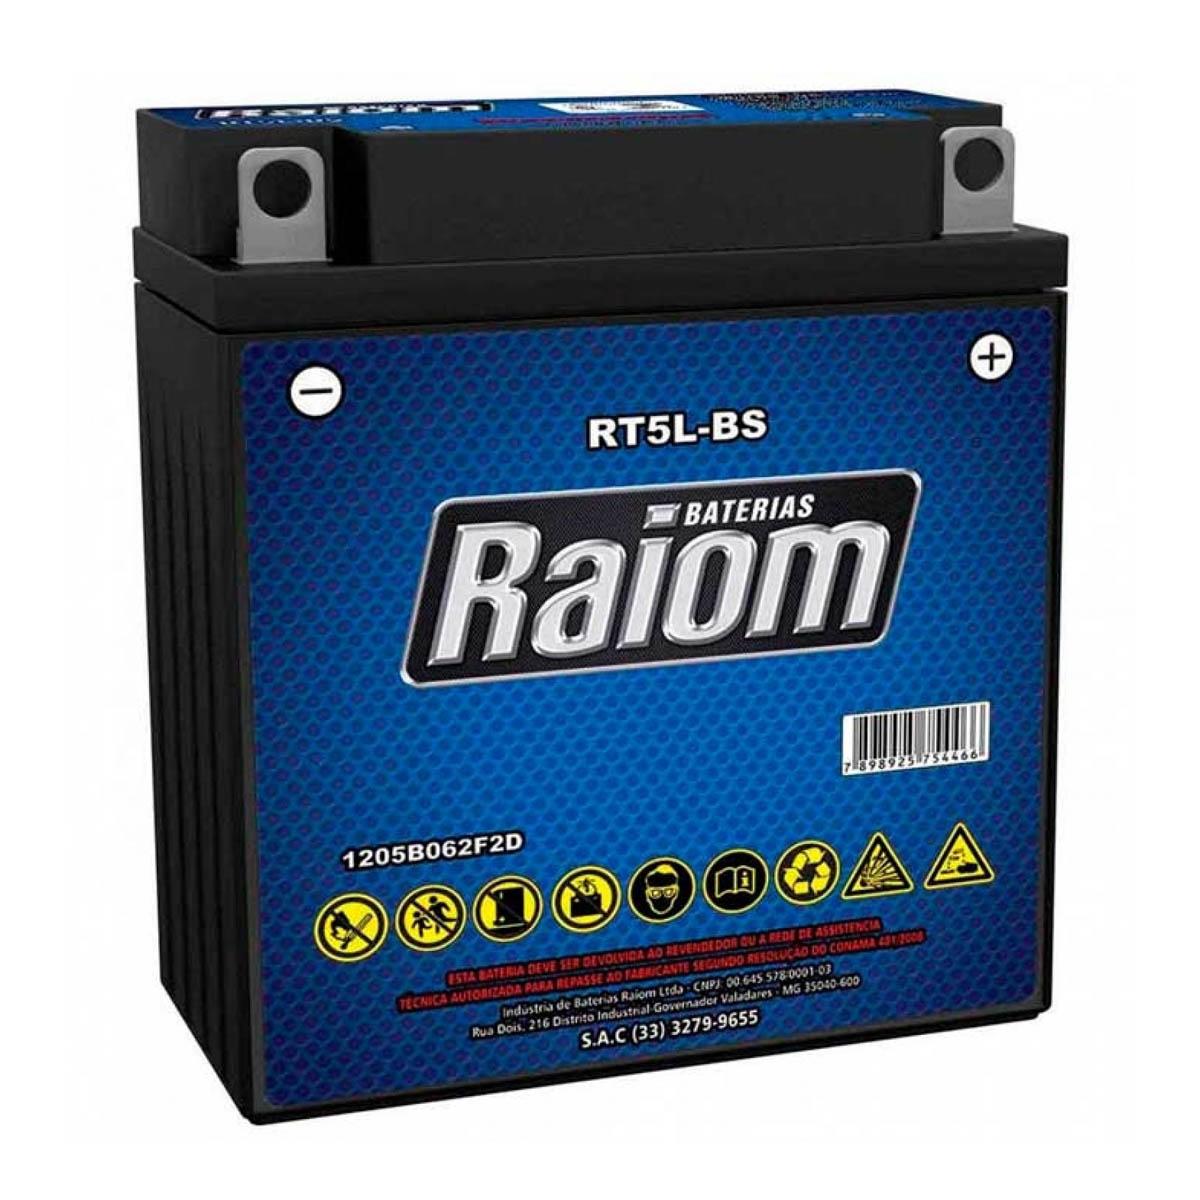 Bateria de Moto Raiom Rt5l-bs 5ah 12v Selada